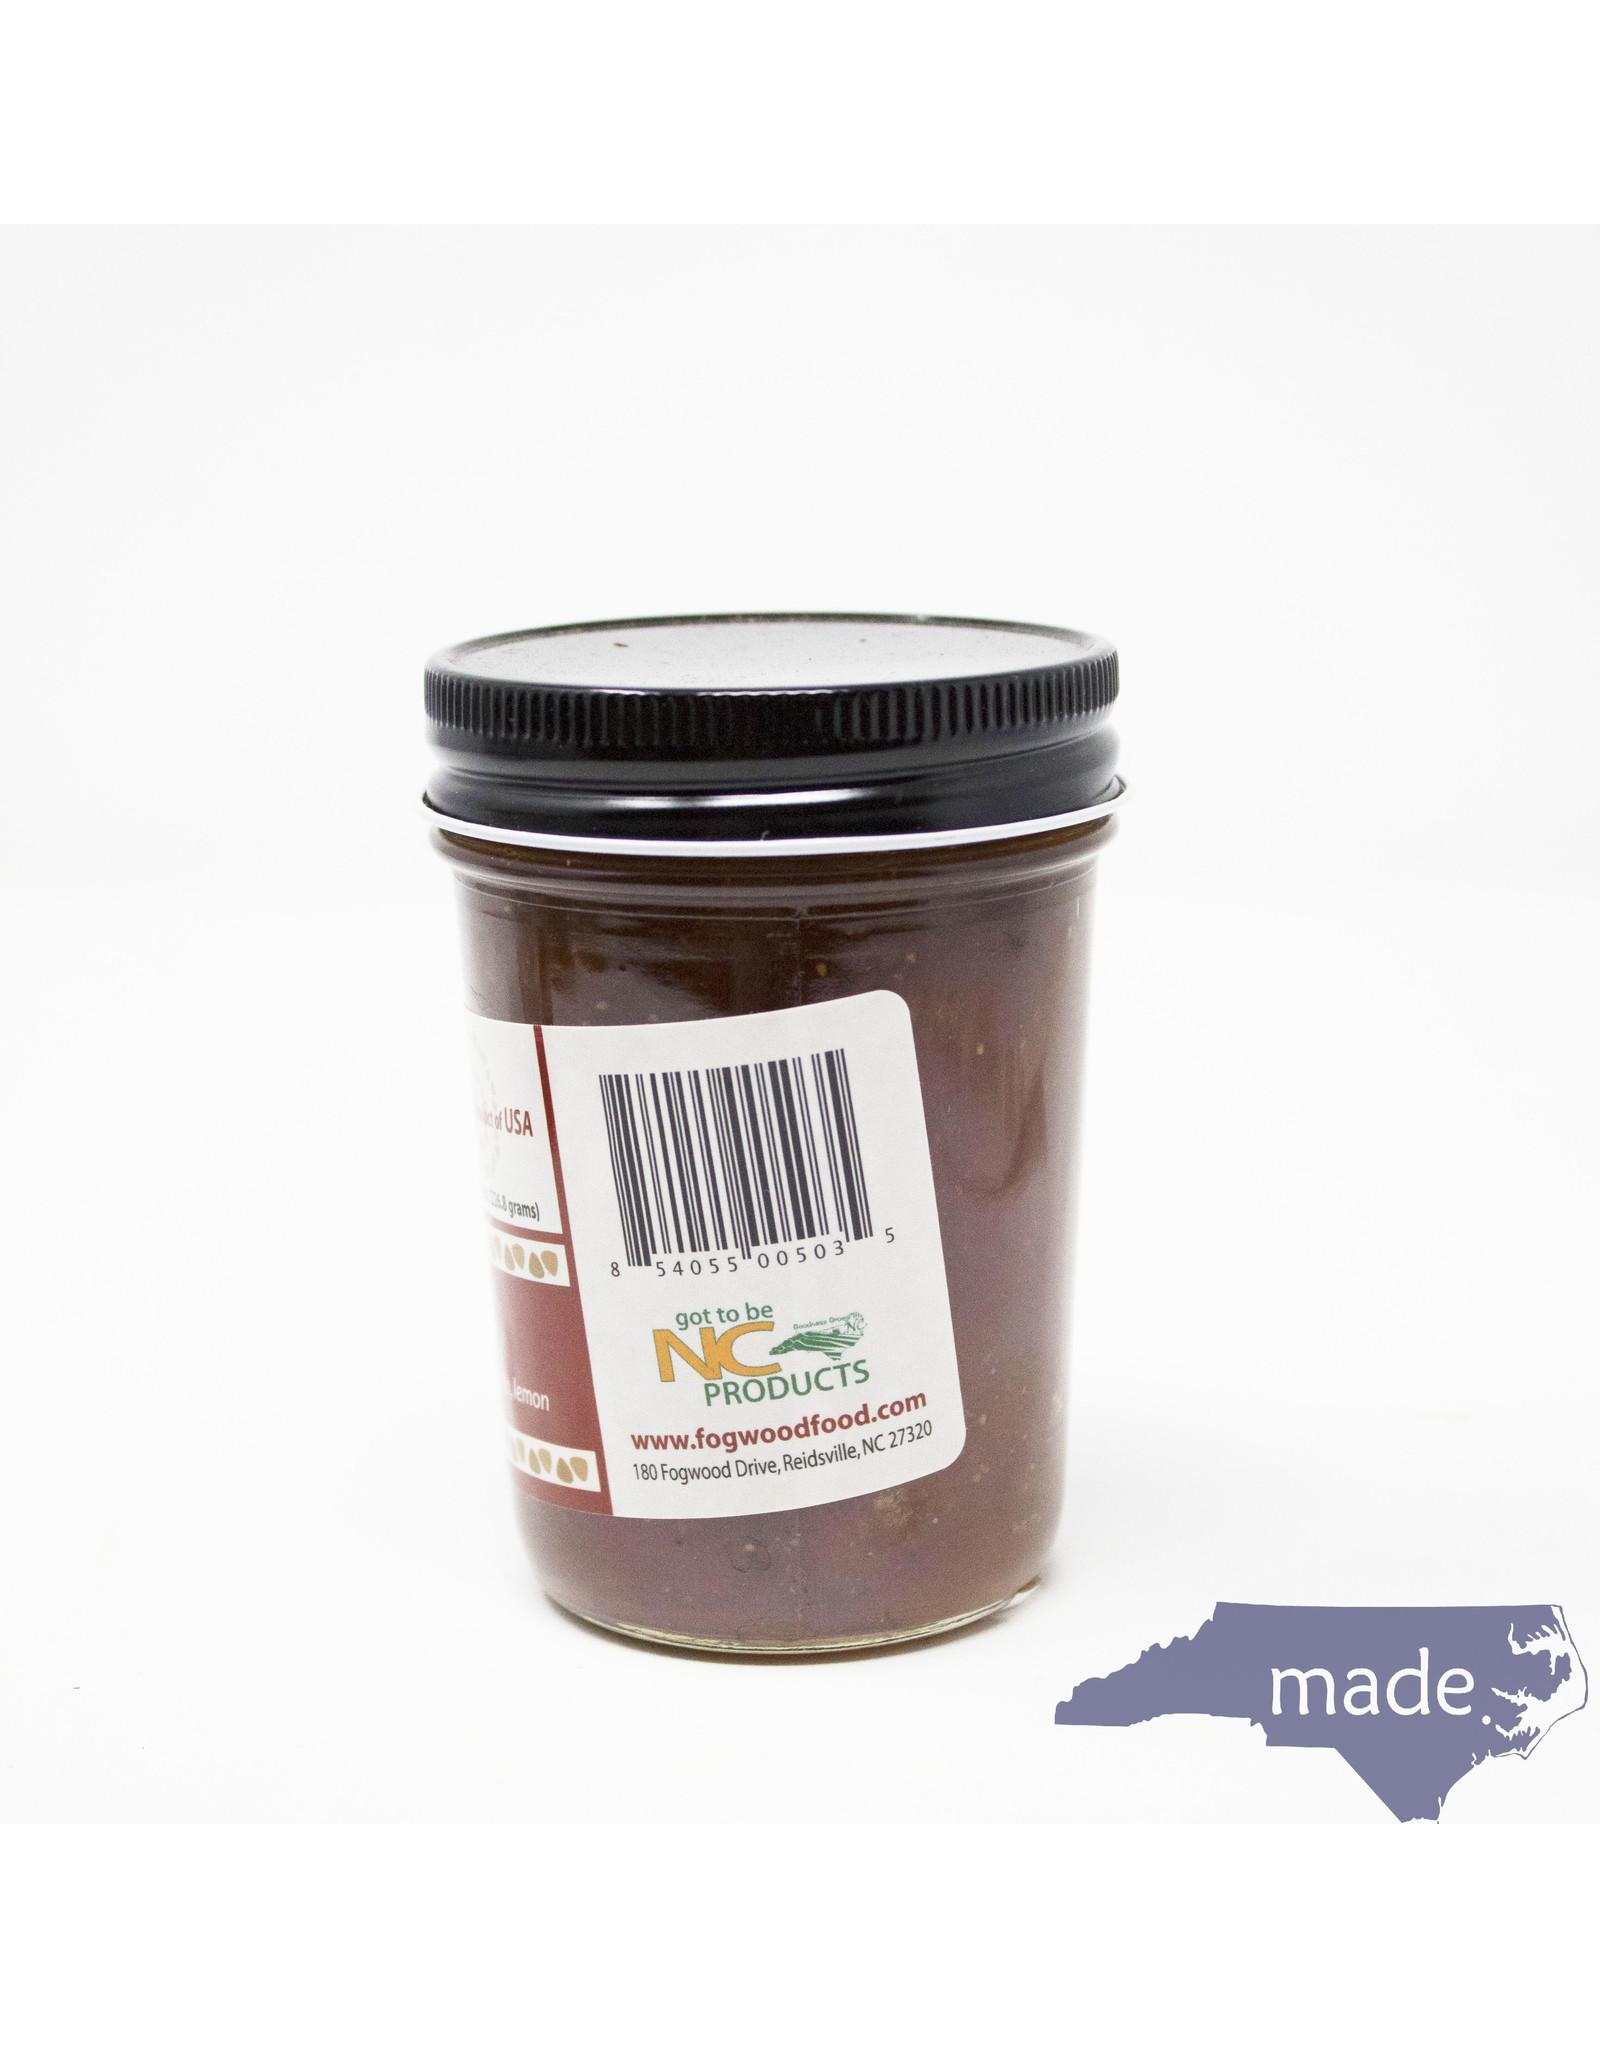 Fogwood Food Fig Jam 8 oz. Jar- Fogwood Food